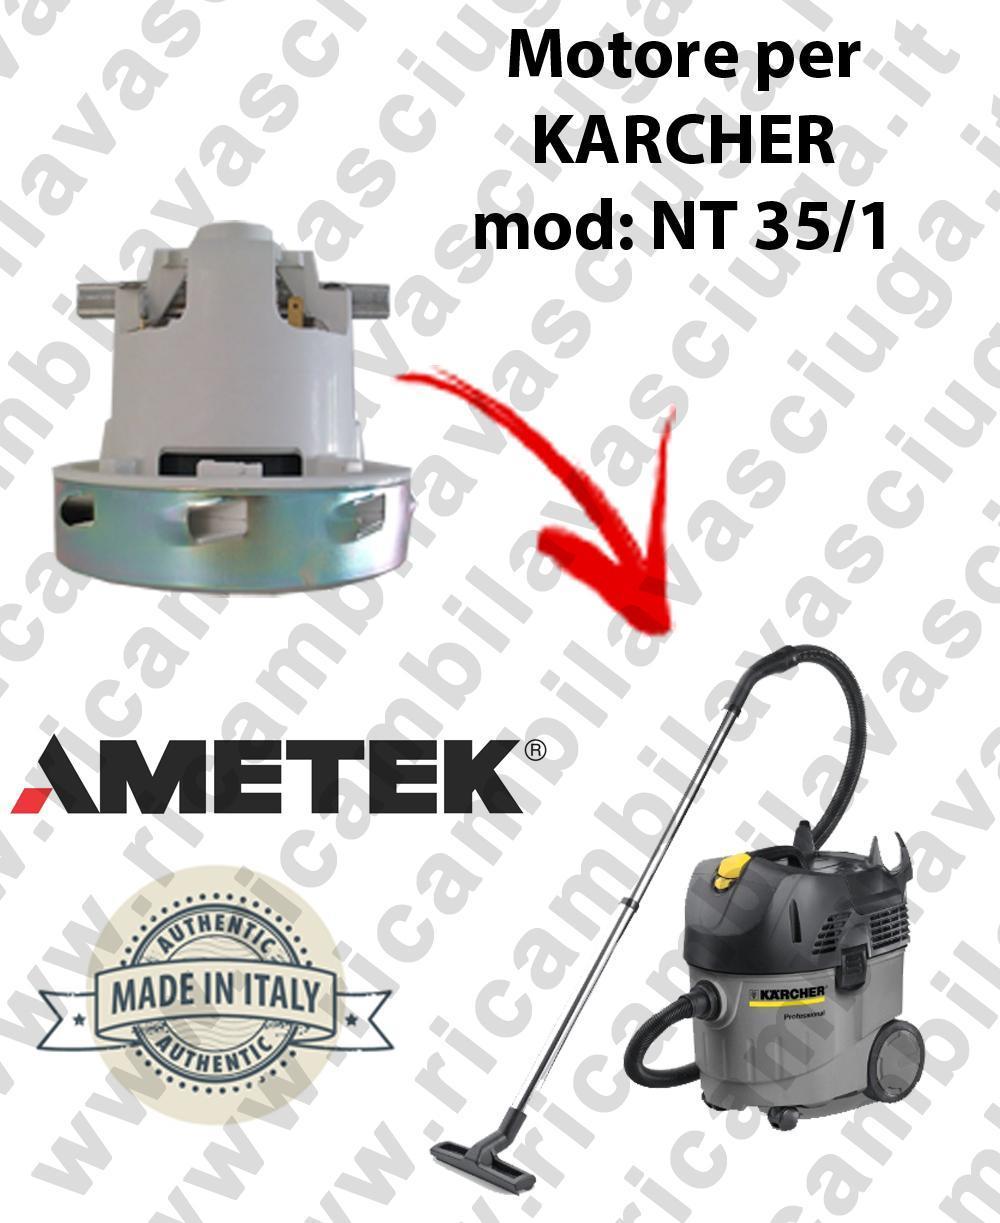 Karcher NT 35/1 MOTORE ASPIRAZIONE AMETEK per aspirapolvere